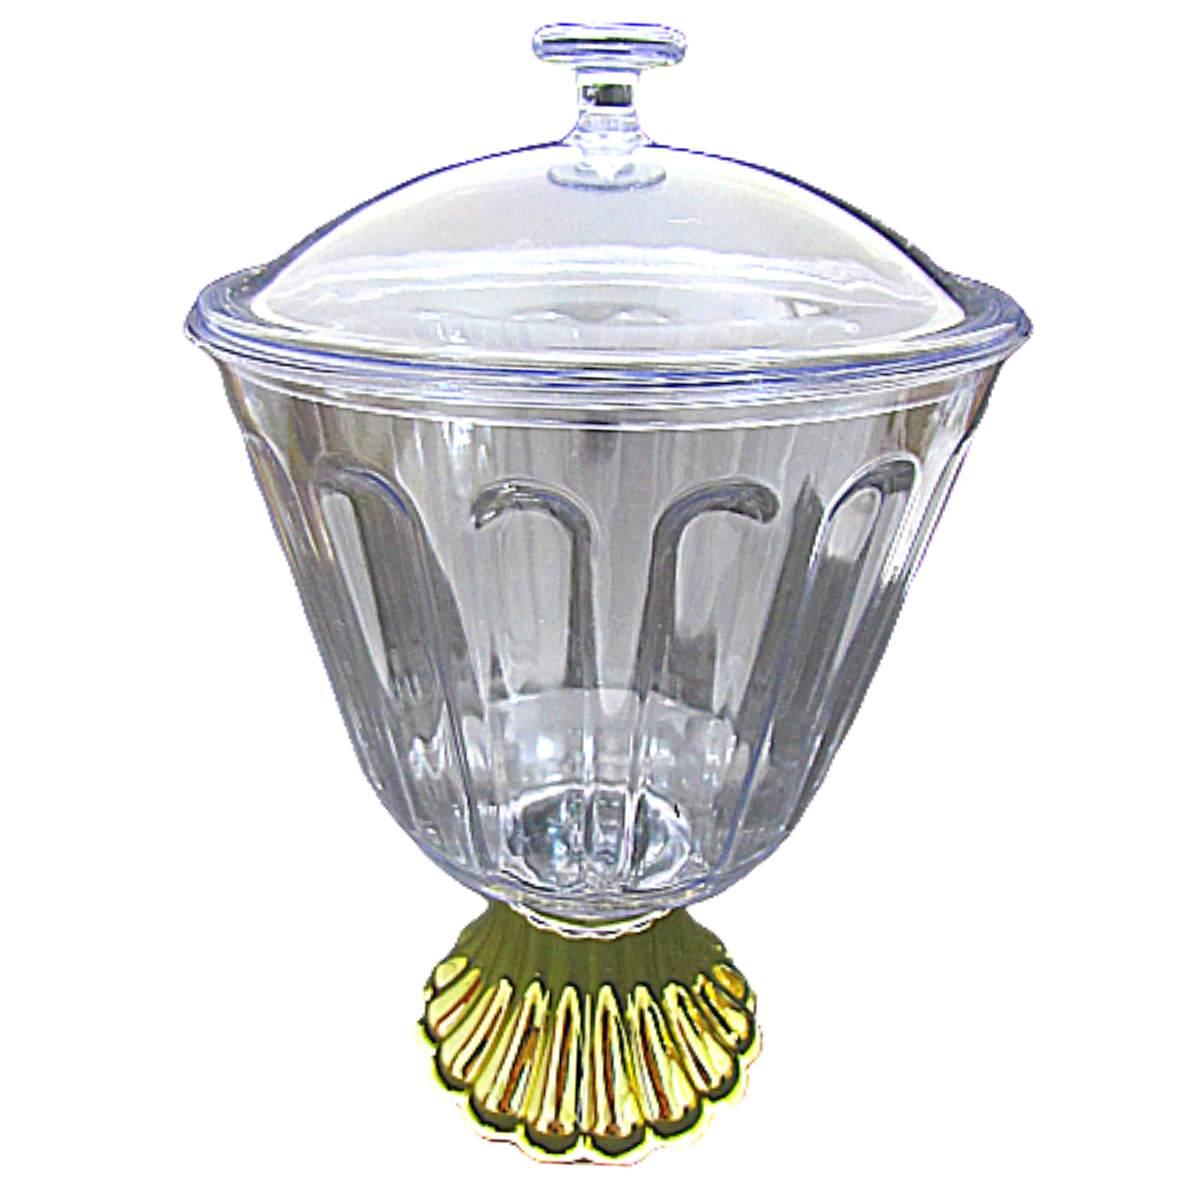 Taça de Acrílico Luxo Ouro Bolo de Colher Confeiteiro 1,250ml C/tampa